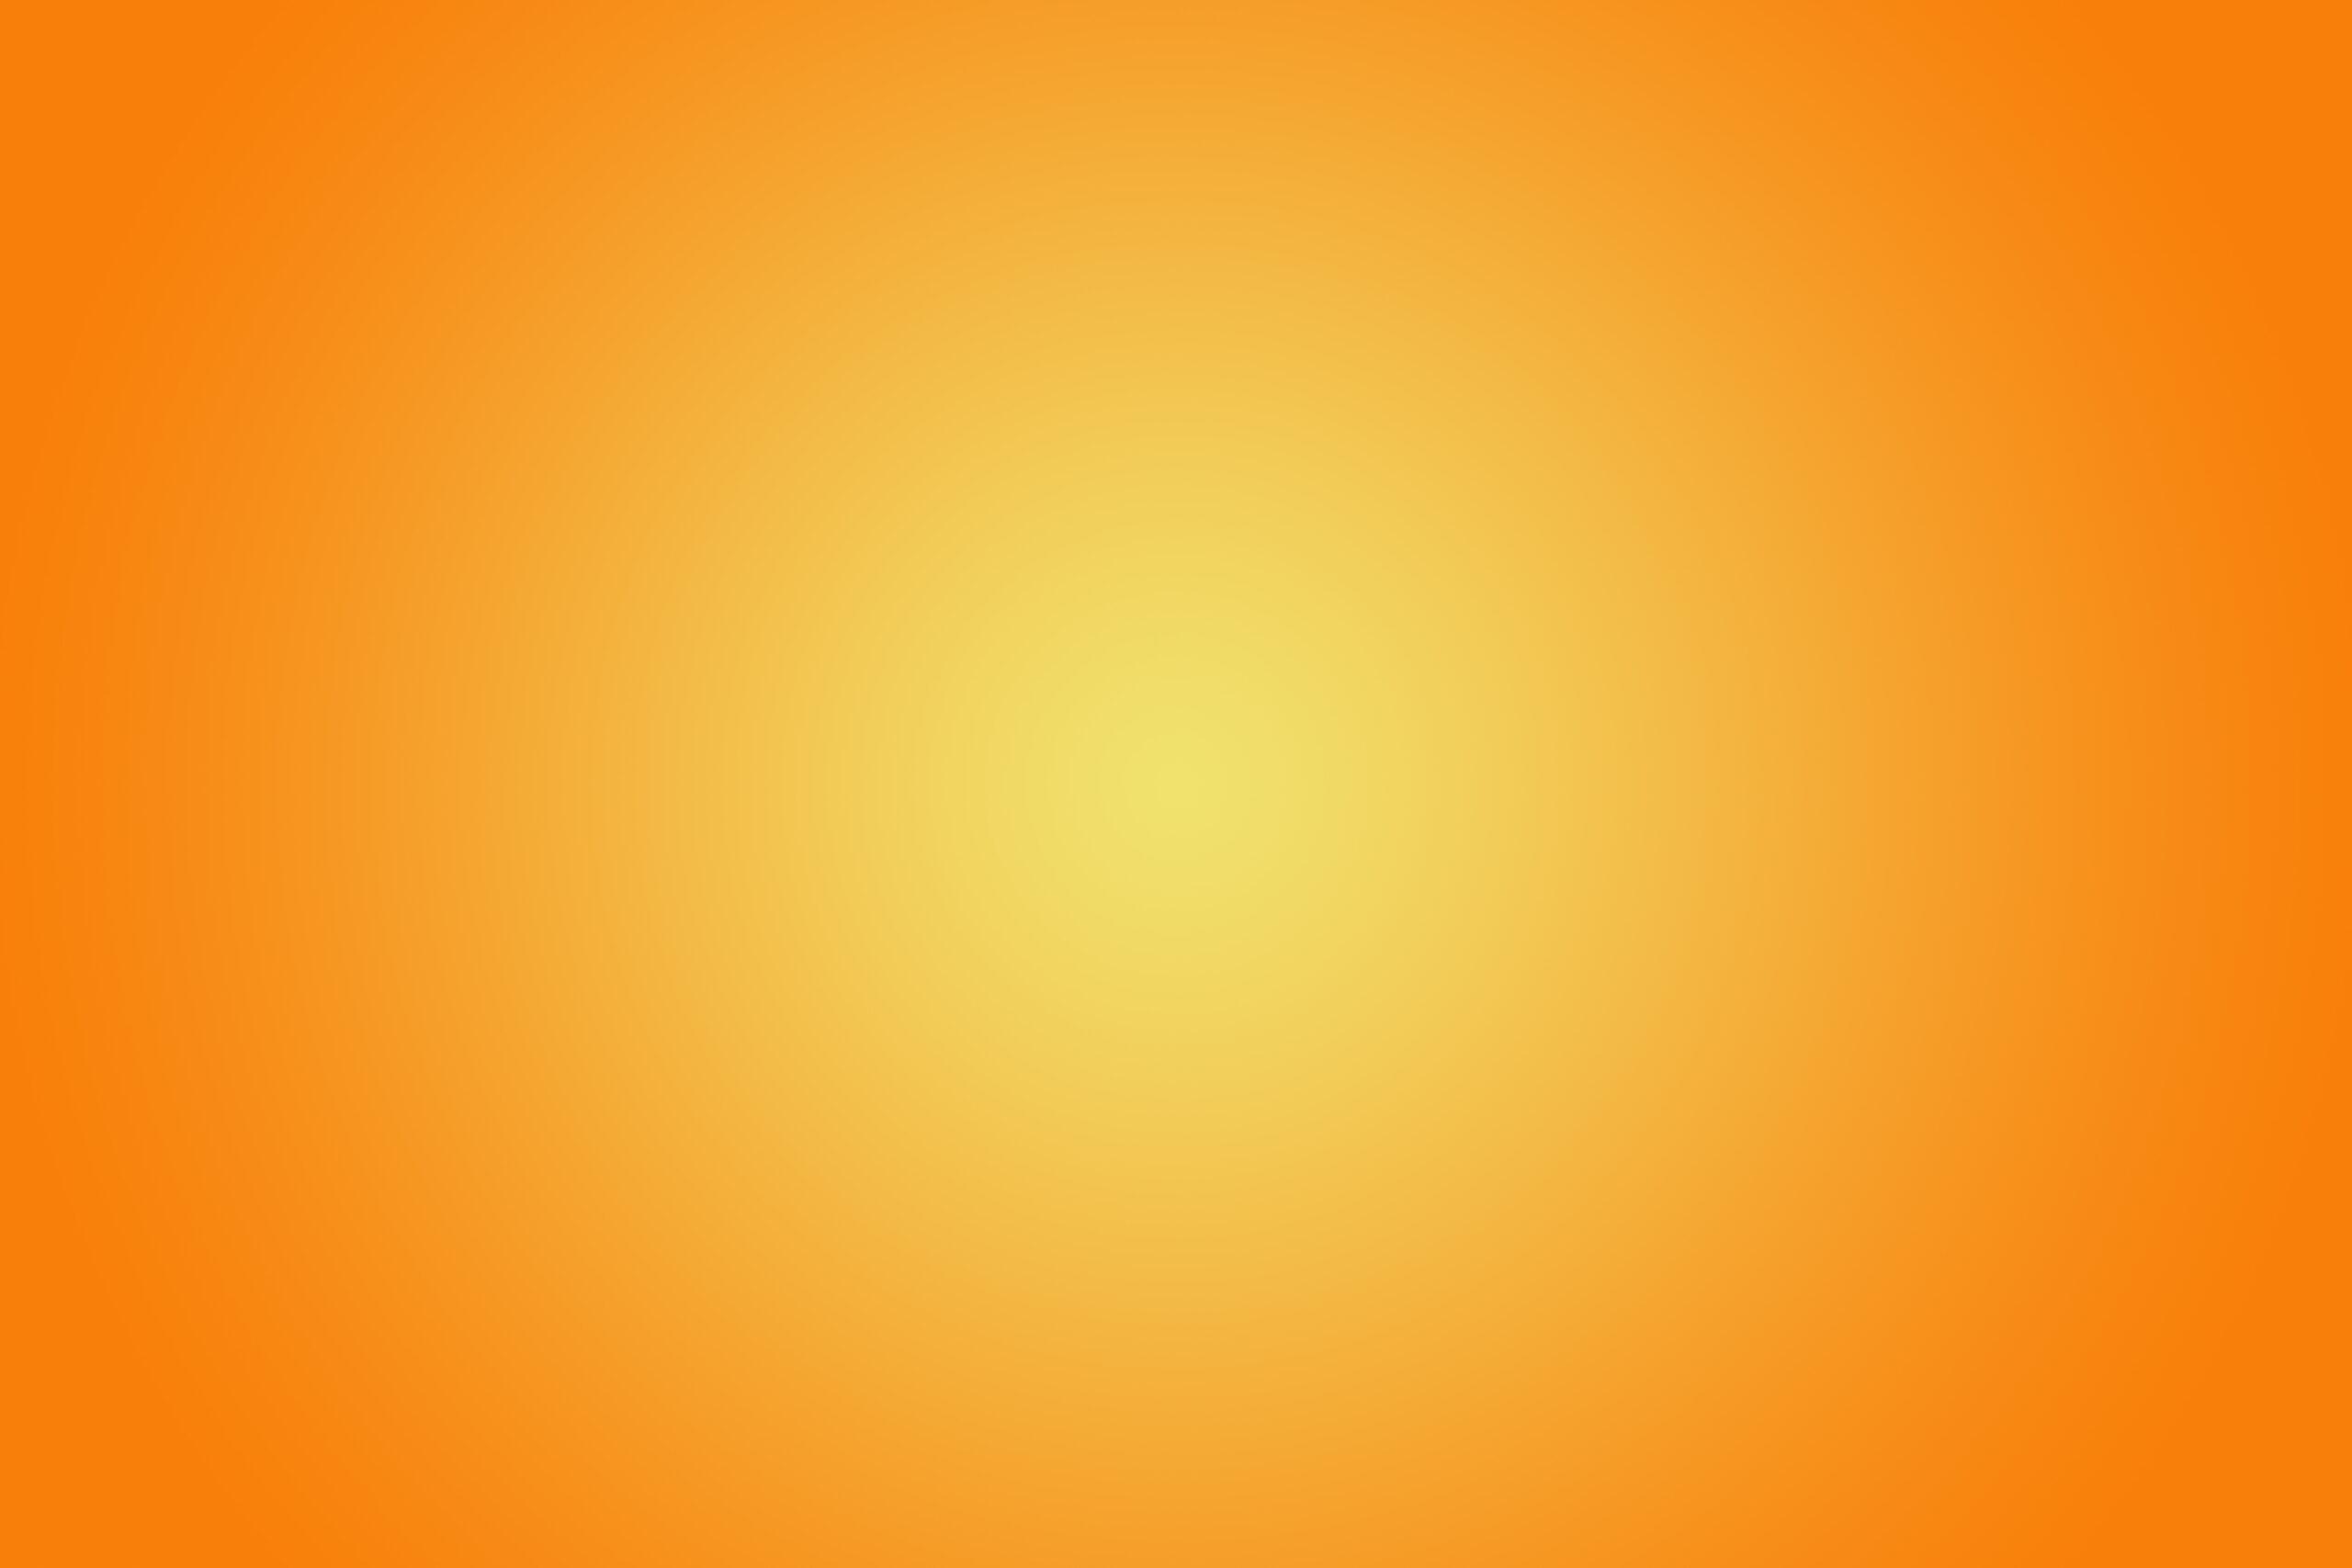 オレンジ=子供っぽい?